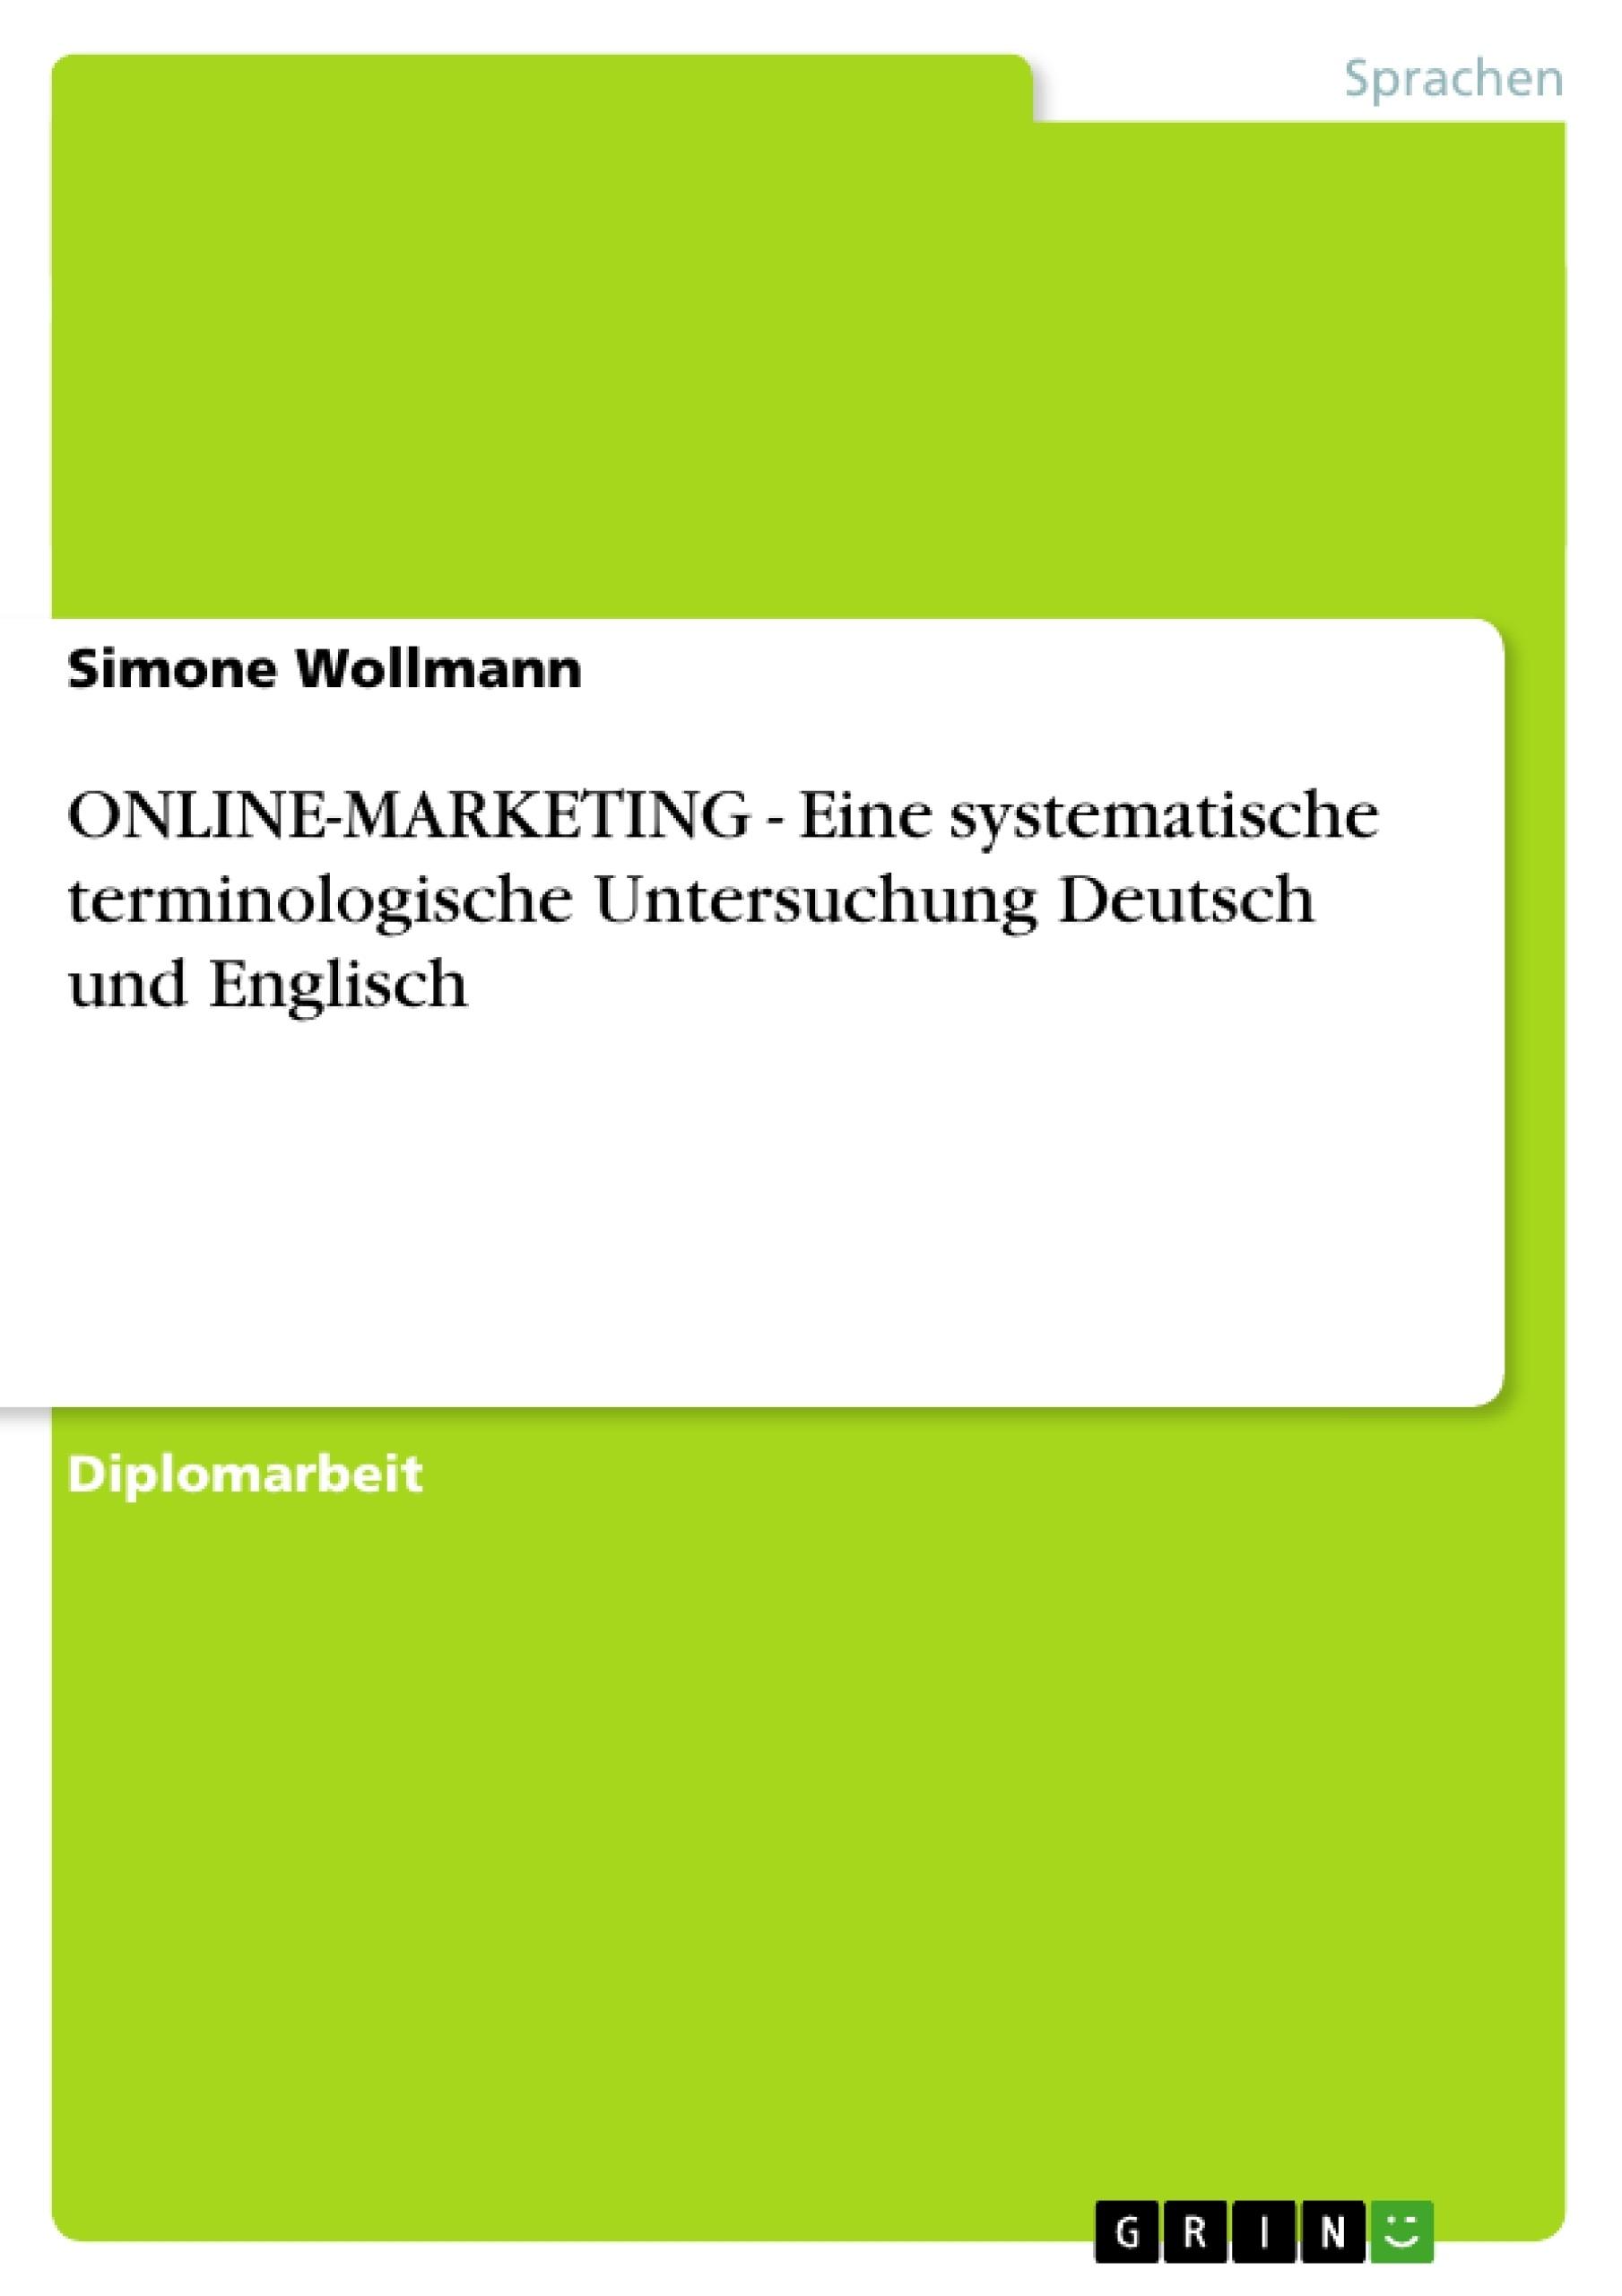 Titel: ONLINE-MARKETING - Eine systematische terminologische Untersuchung Deutsch und Englisch